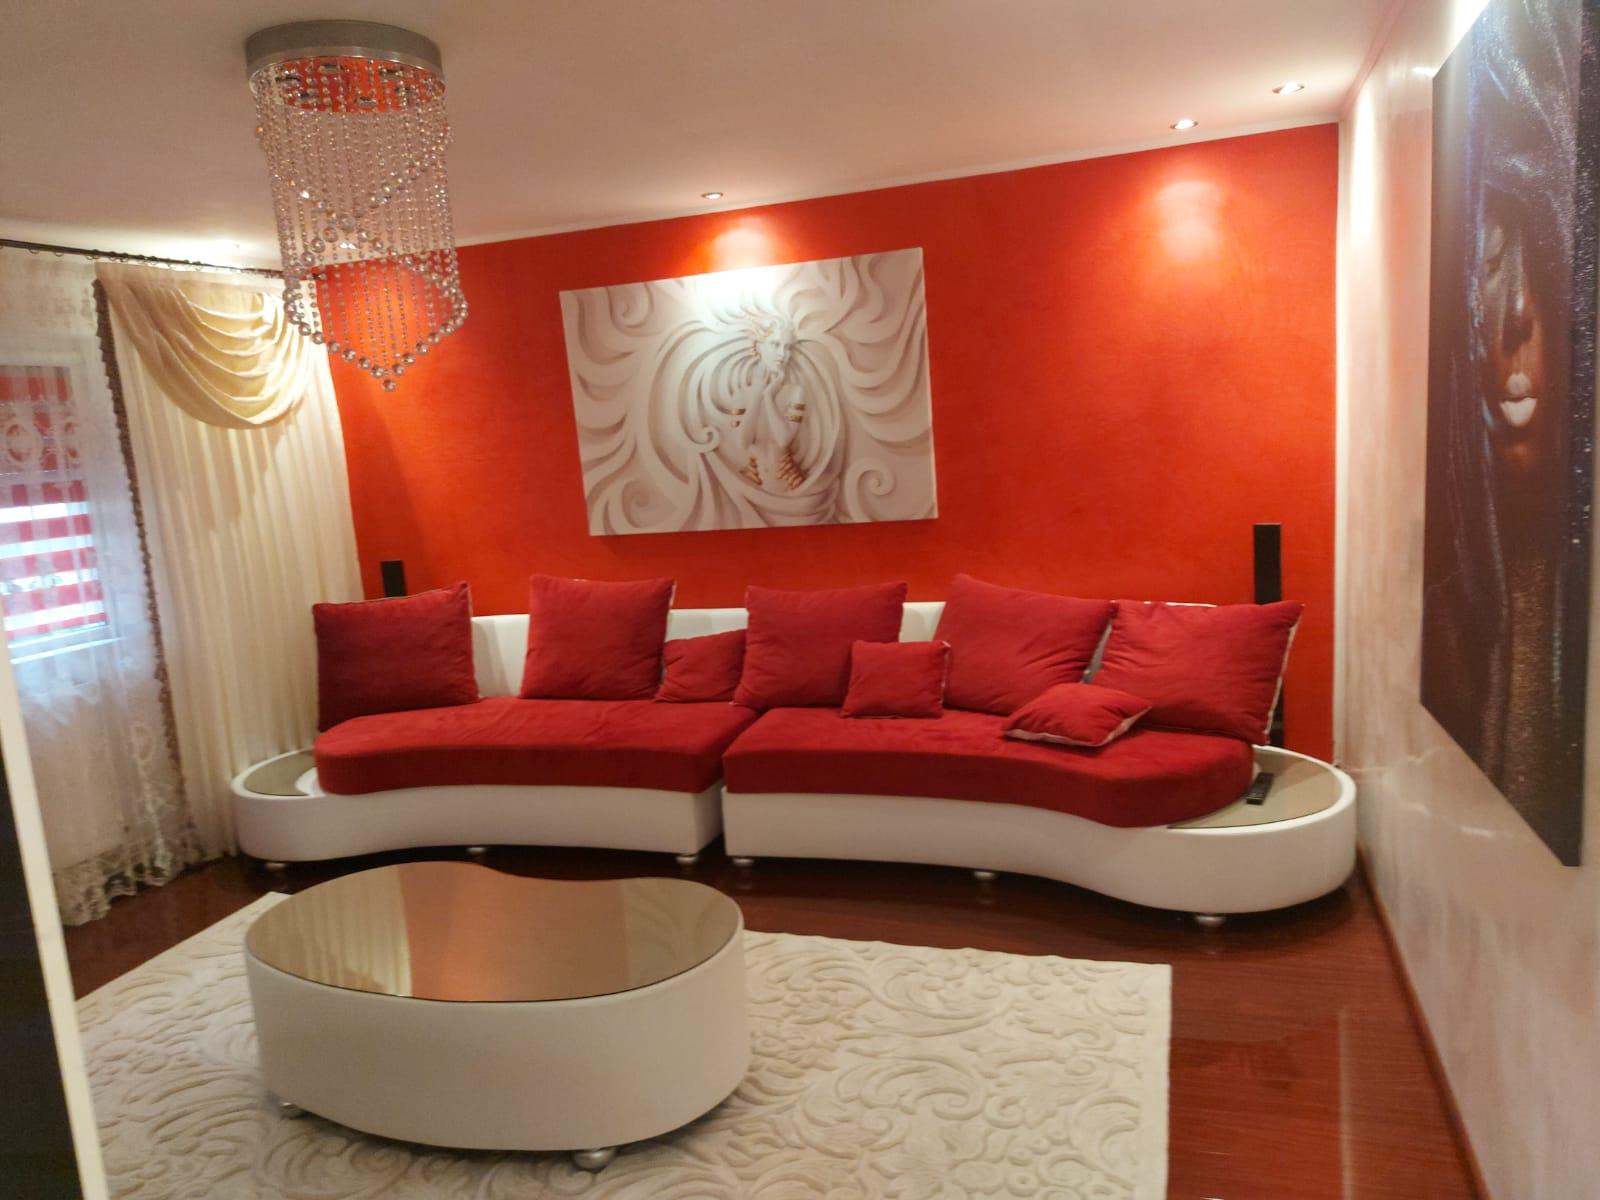 Vanzare apartament 4 camere, parter, micro 4 Targoviste